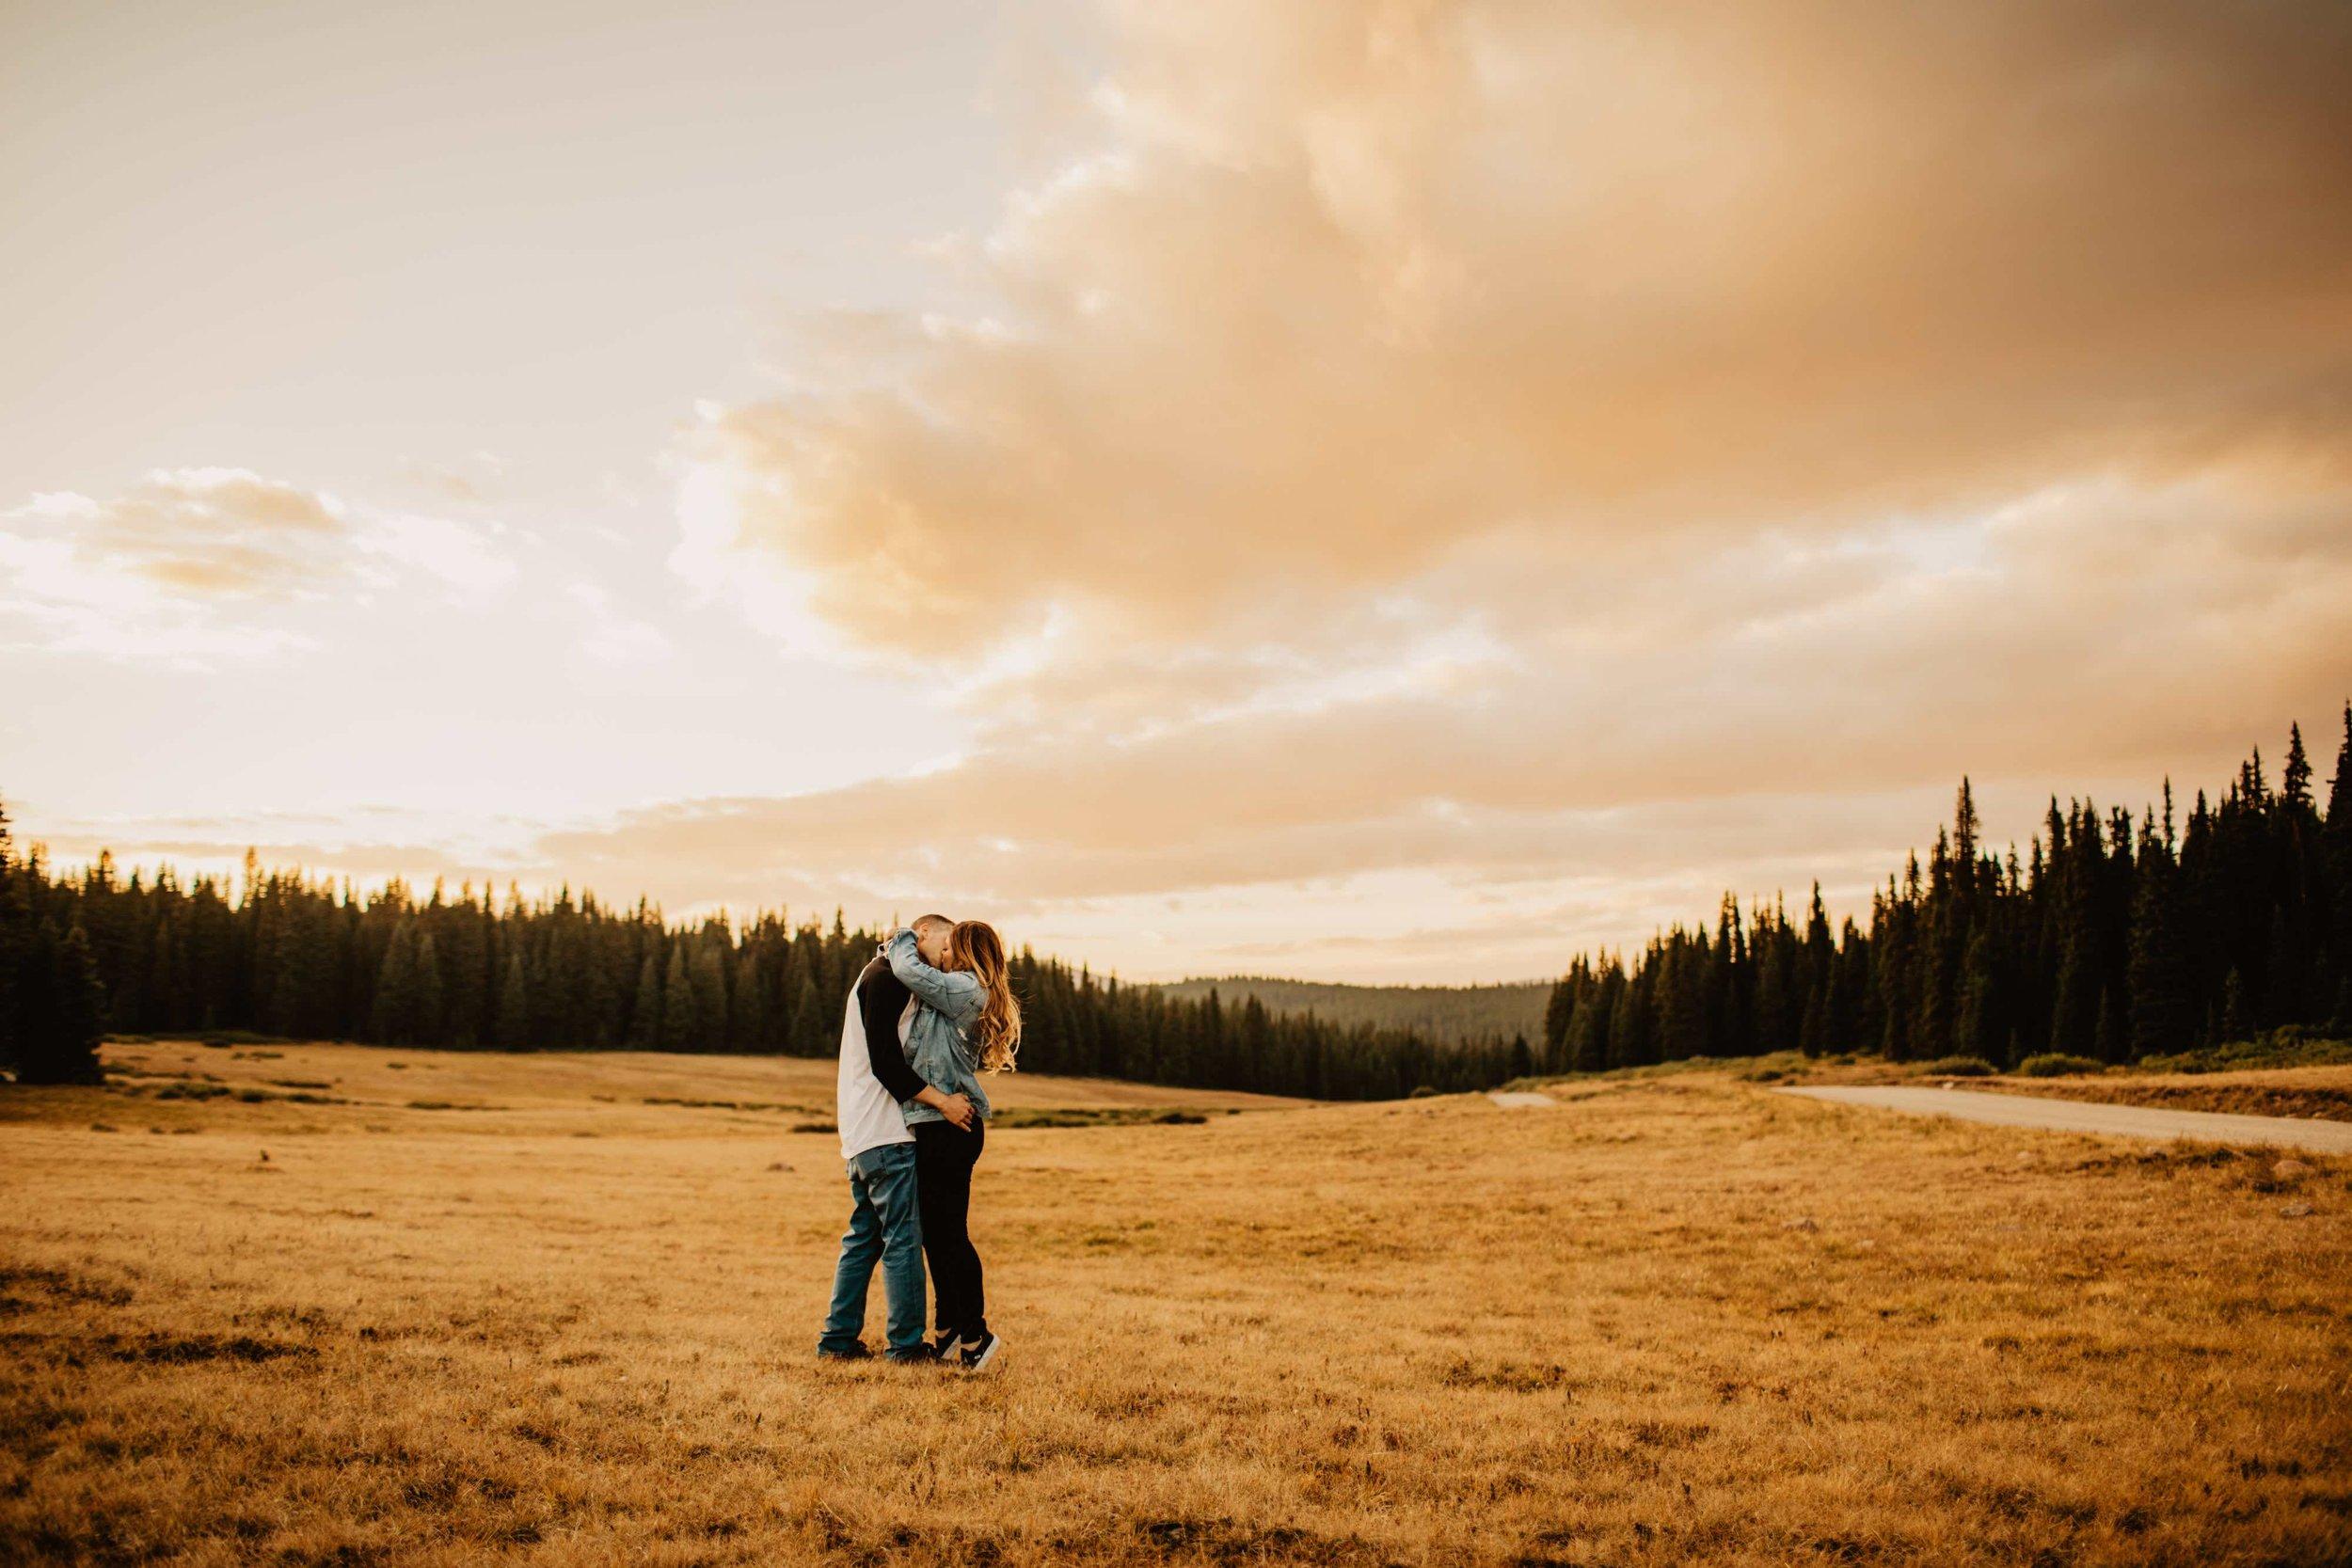 Kisa Conrad Favorites-0020-colorado-wedding-photographer-denver-springs-vail-colorado-wedding-photographer-denver-springs-vail.jpeg